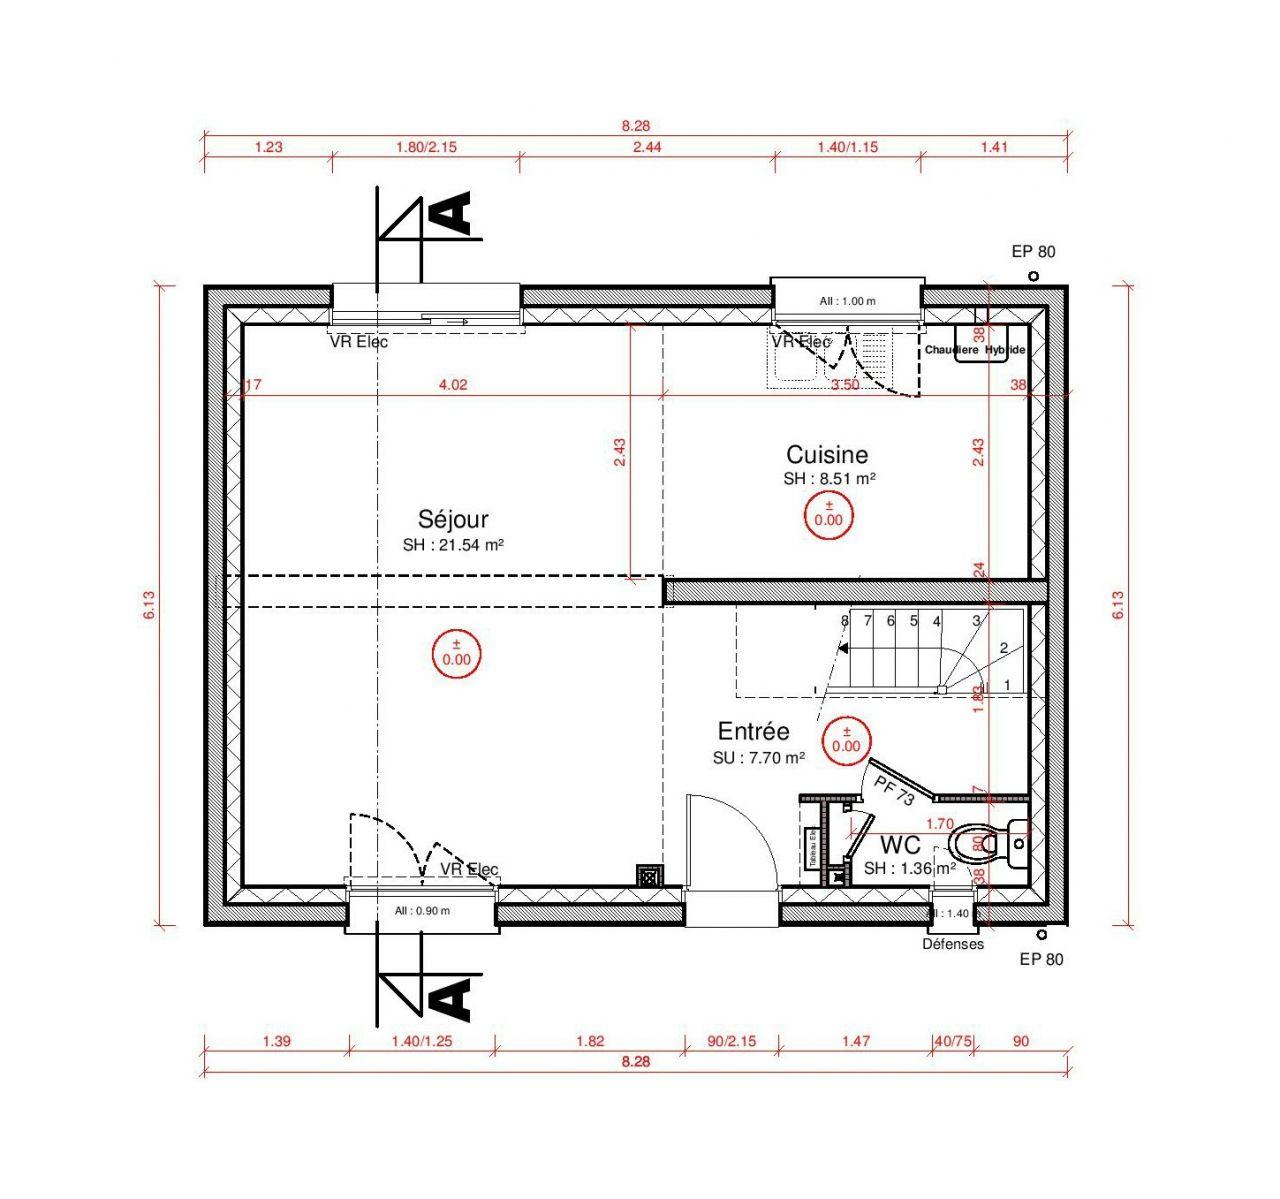 Votre avis sur cuisine ouverte 8 5m2 18 messages for Plan cuisine ouverte 5m2